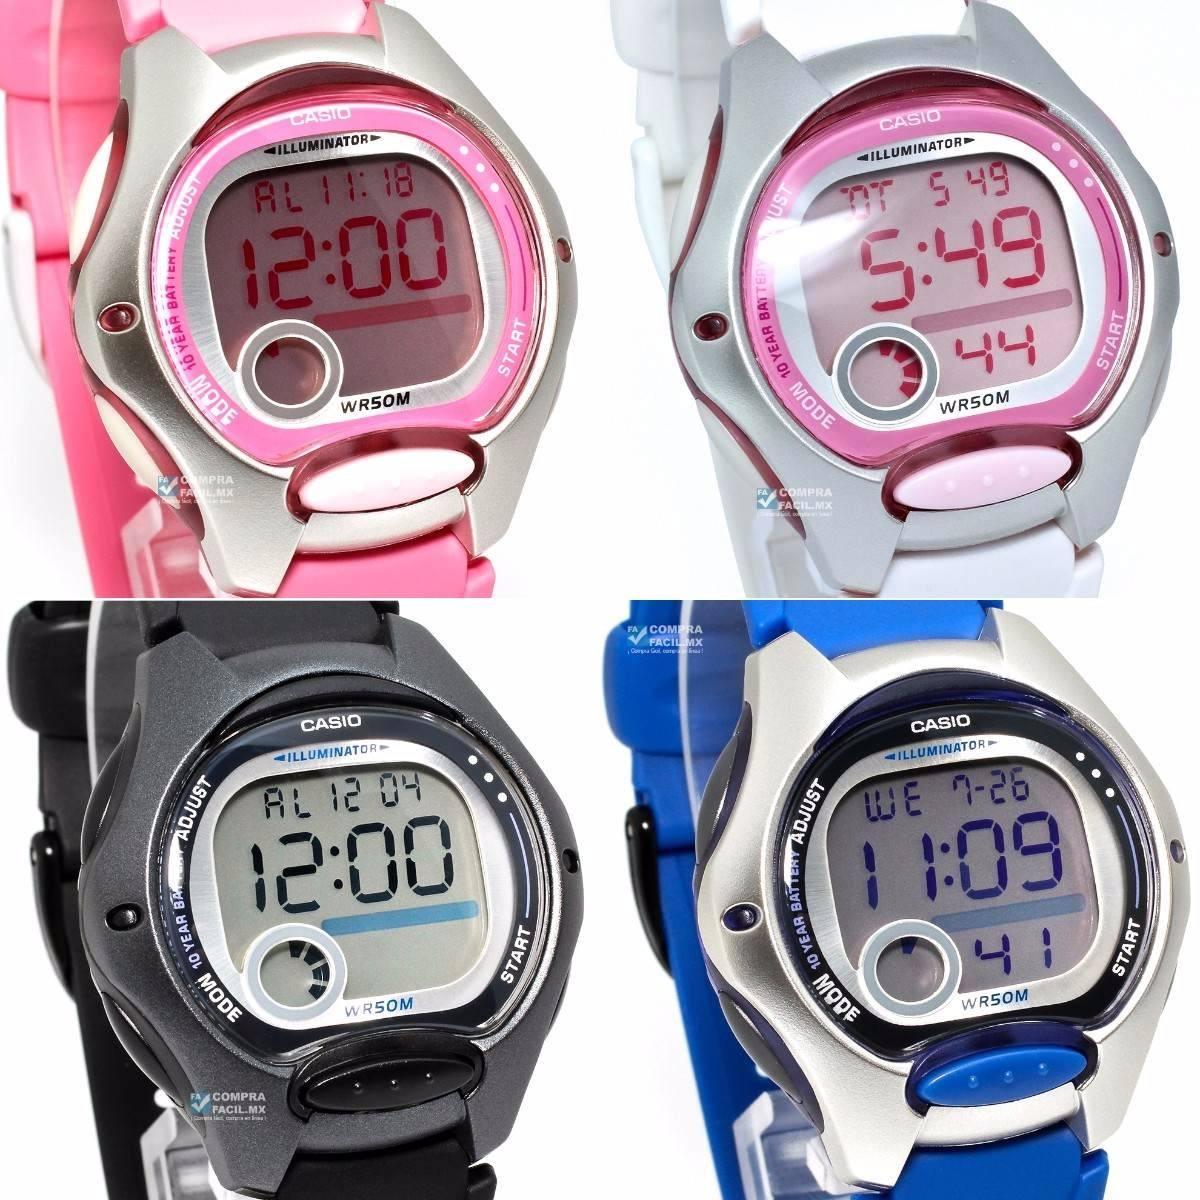 Para Resistente Reloj G Baby Digital Nino A Casio Ninos casio rdCeEQBoxW